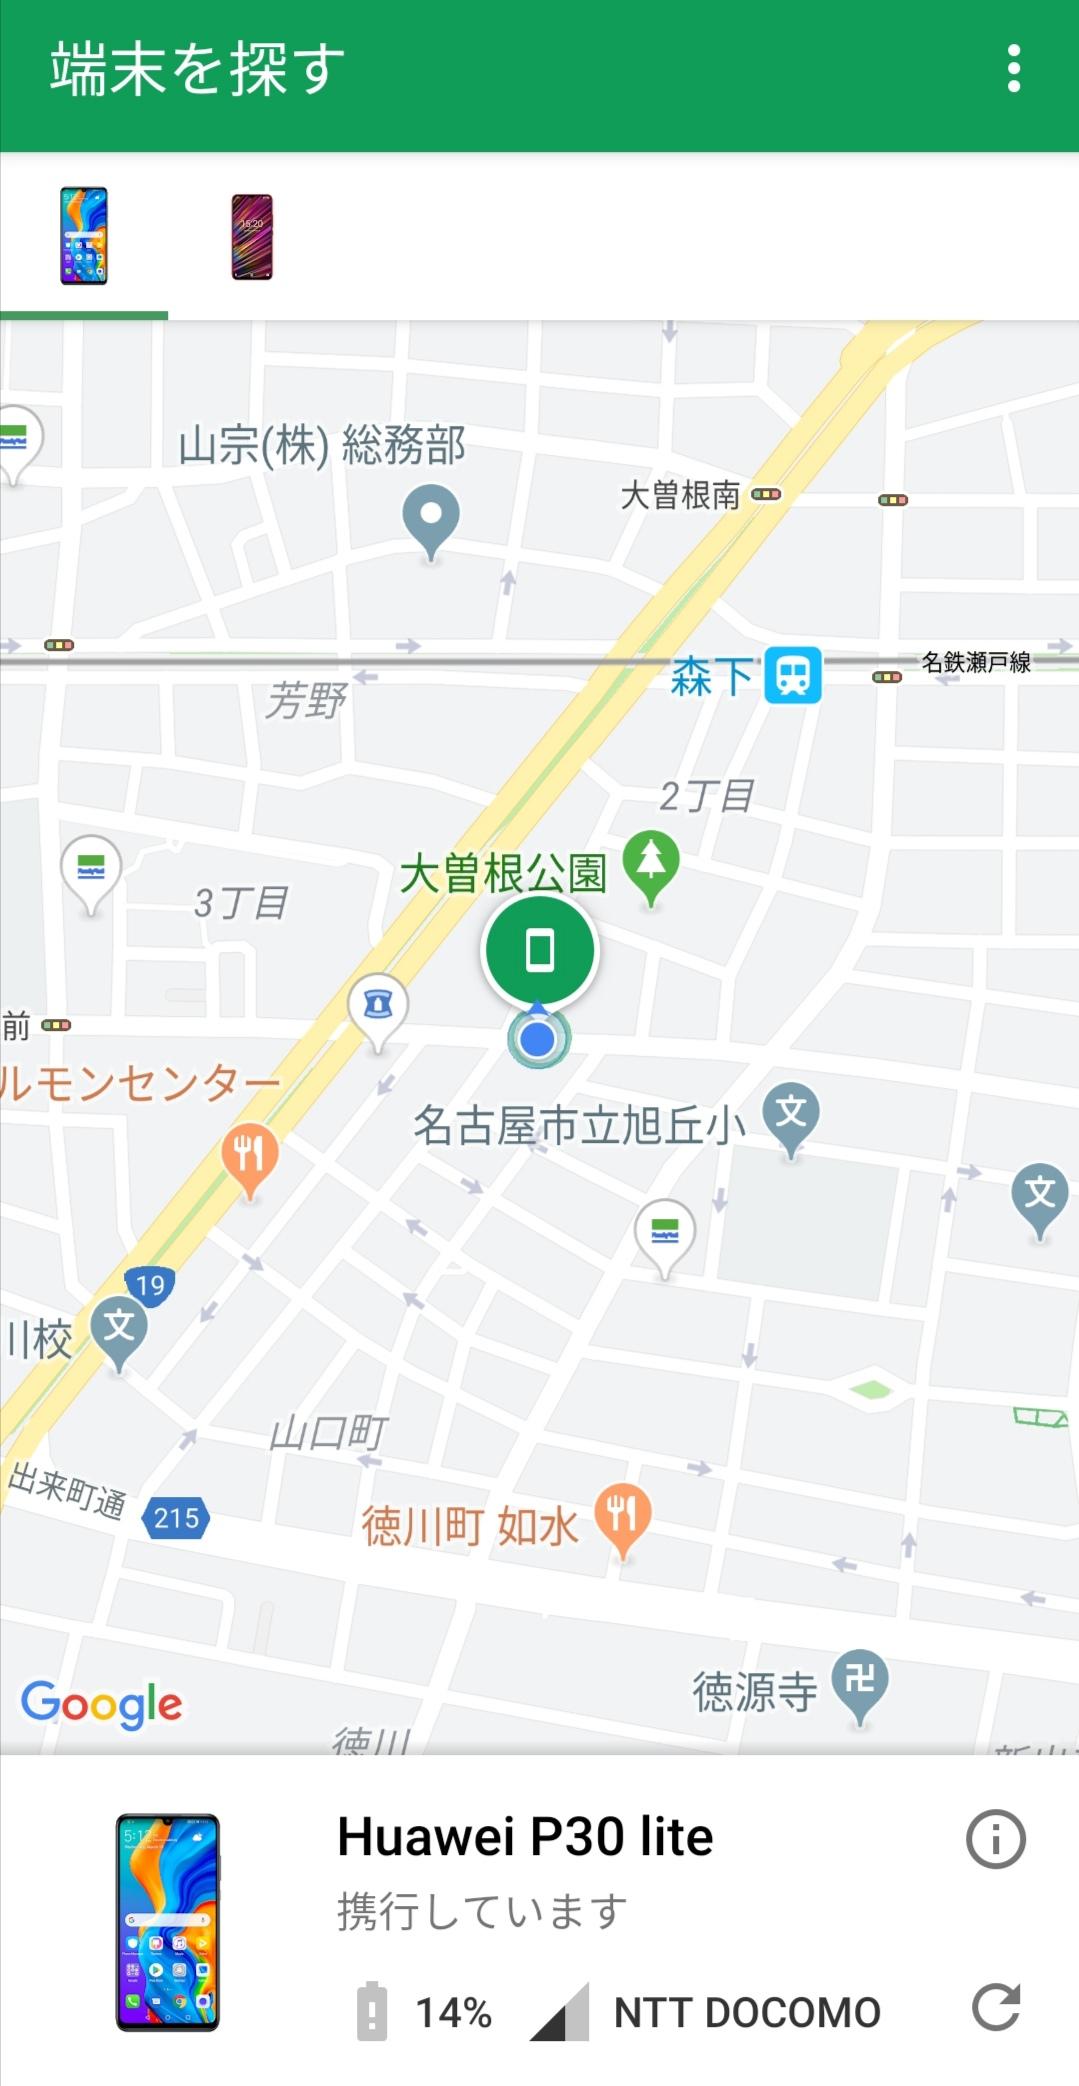 名古屋で落とし物をしちゃった!どうする? - Screenshot 20191022 161531